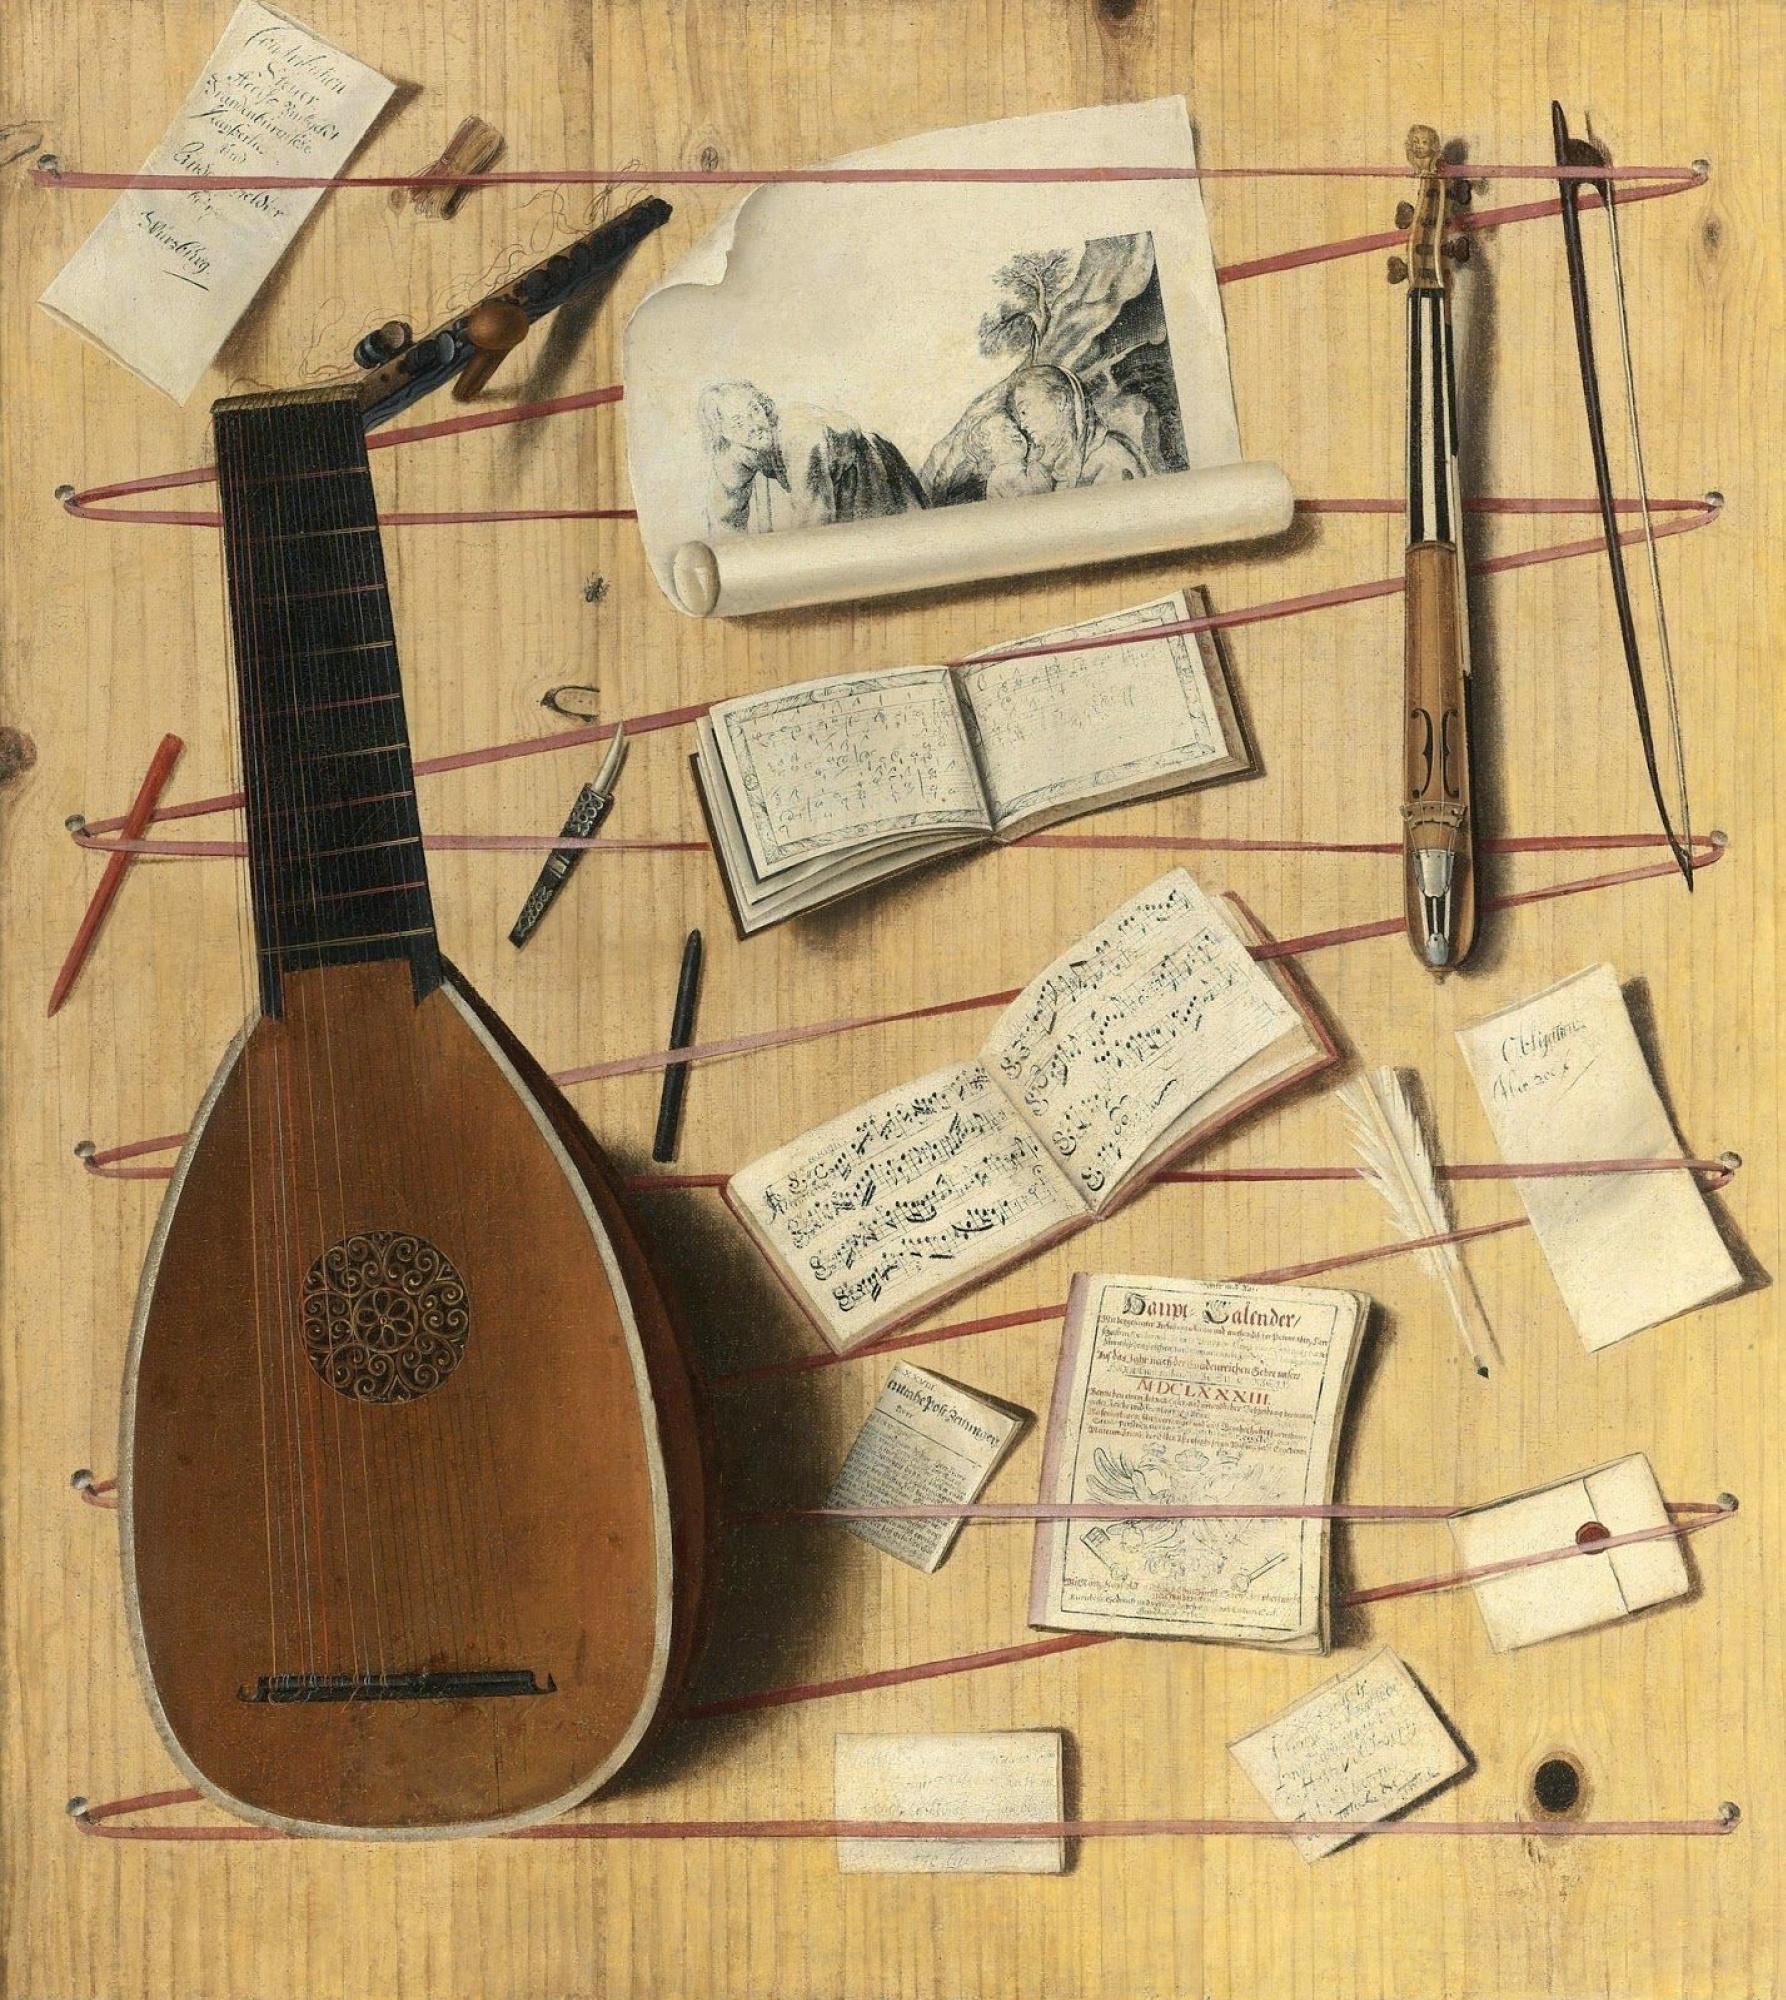 Корнелис Норбертус Гисбрехтс. Тромплей с мандолиной, нотной тетрадью и др. предметами